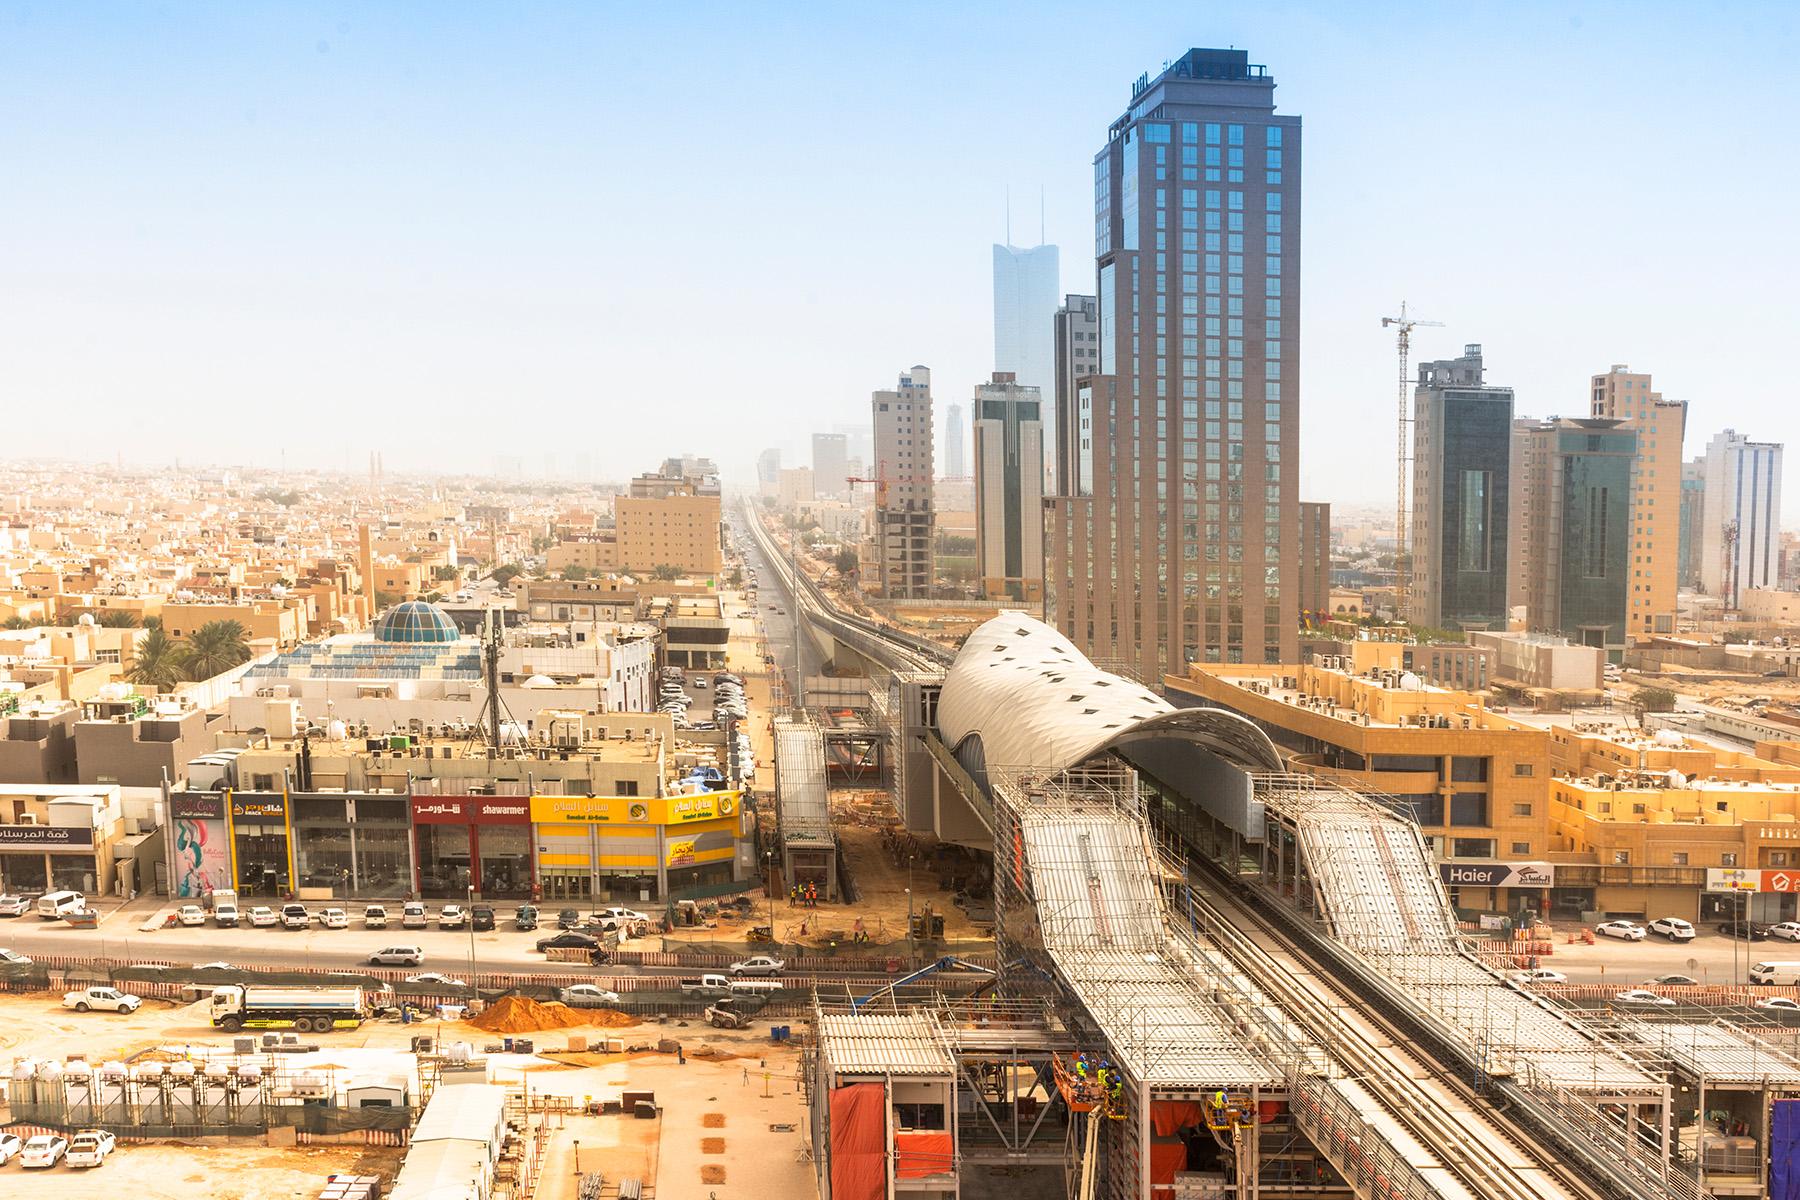 A Riyadh Metro station under construction